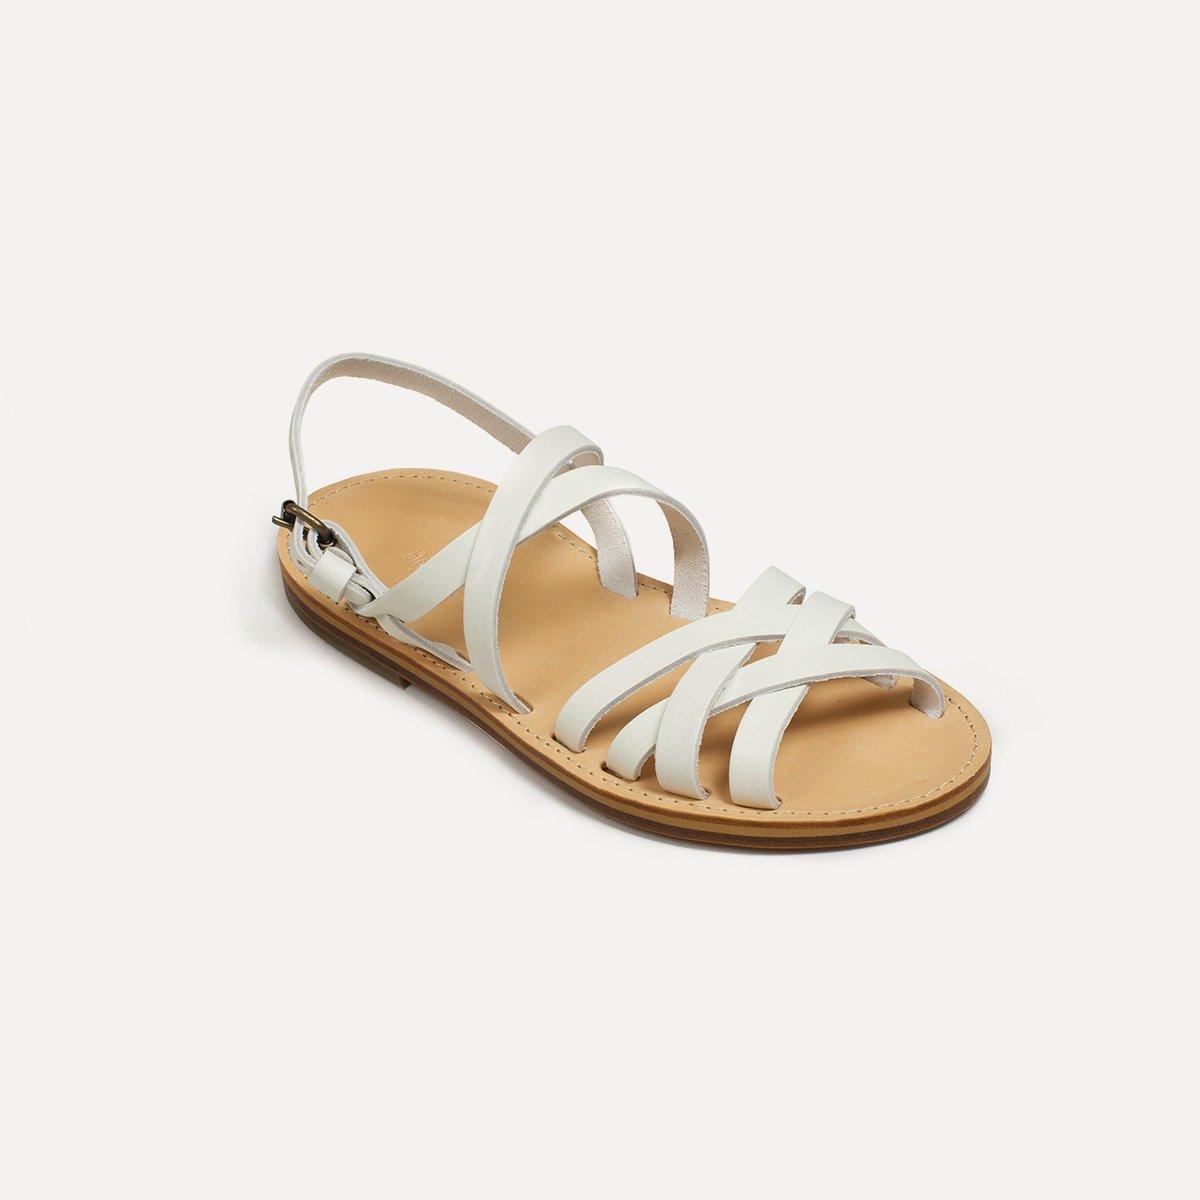 Sandales cuir Majour - Blanc (image n°2)